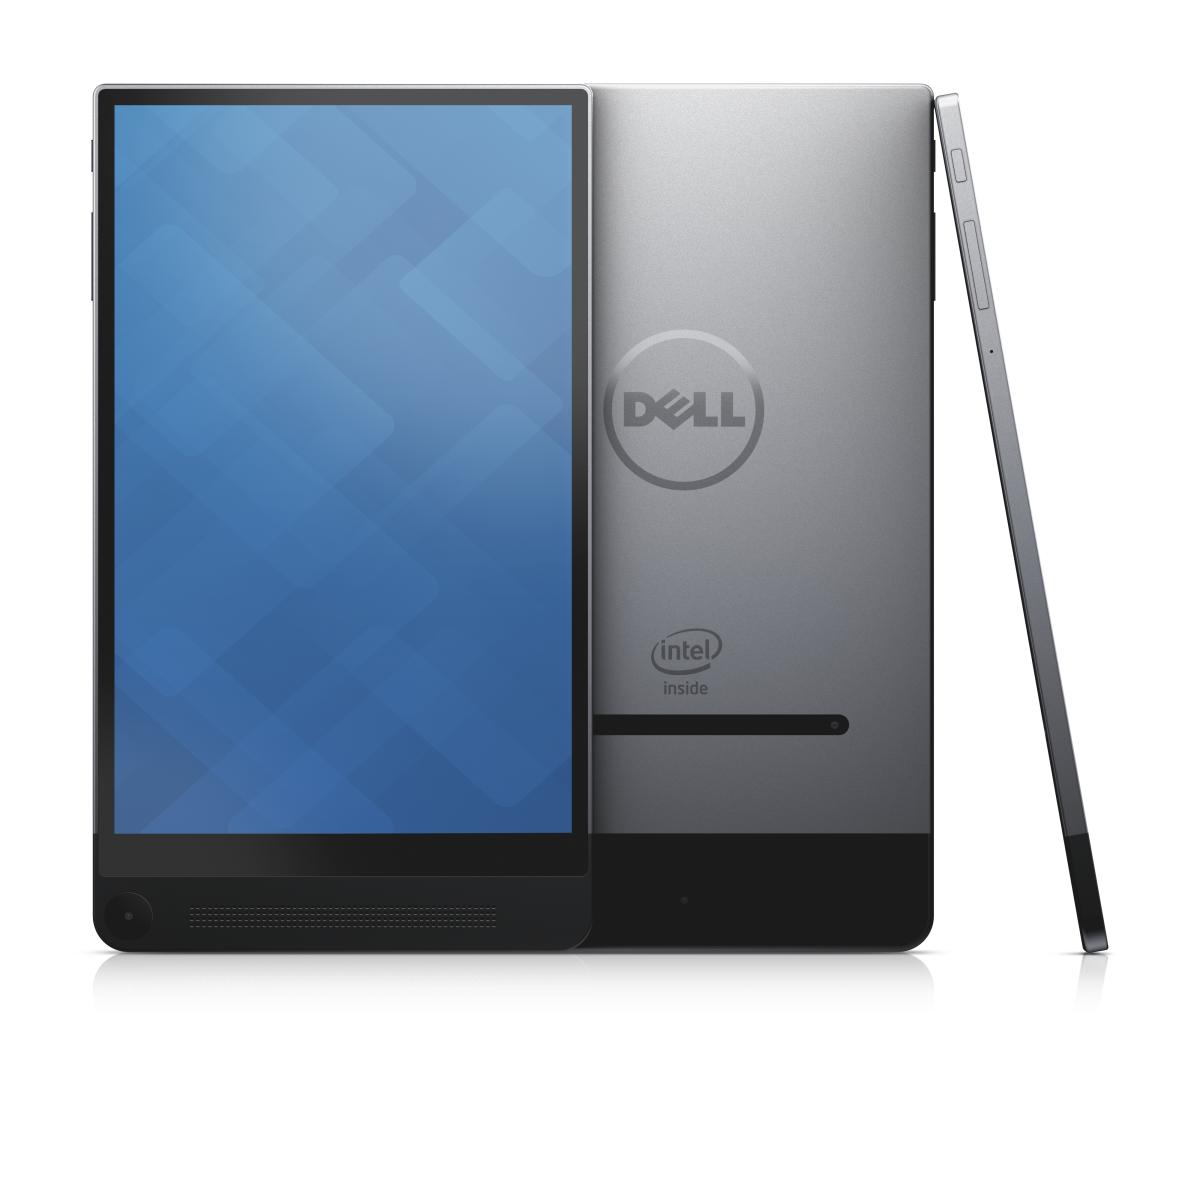 Dell Venue 8 Tablet